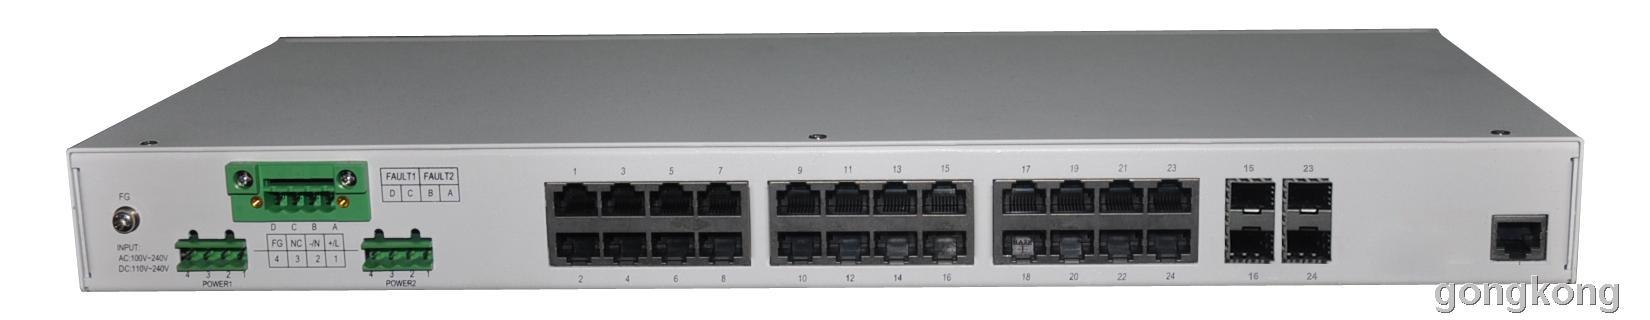 讯展 R20-2402M 24口机架式网管工业交换机